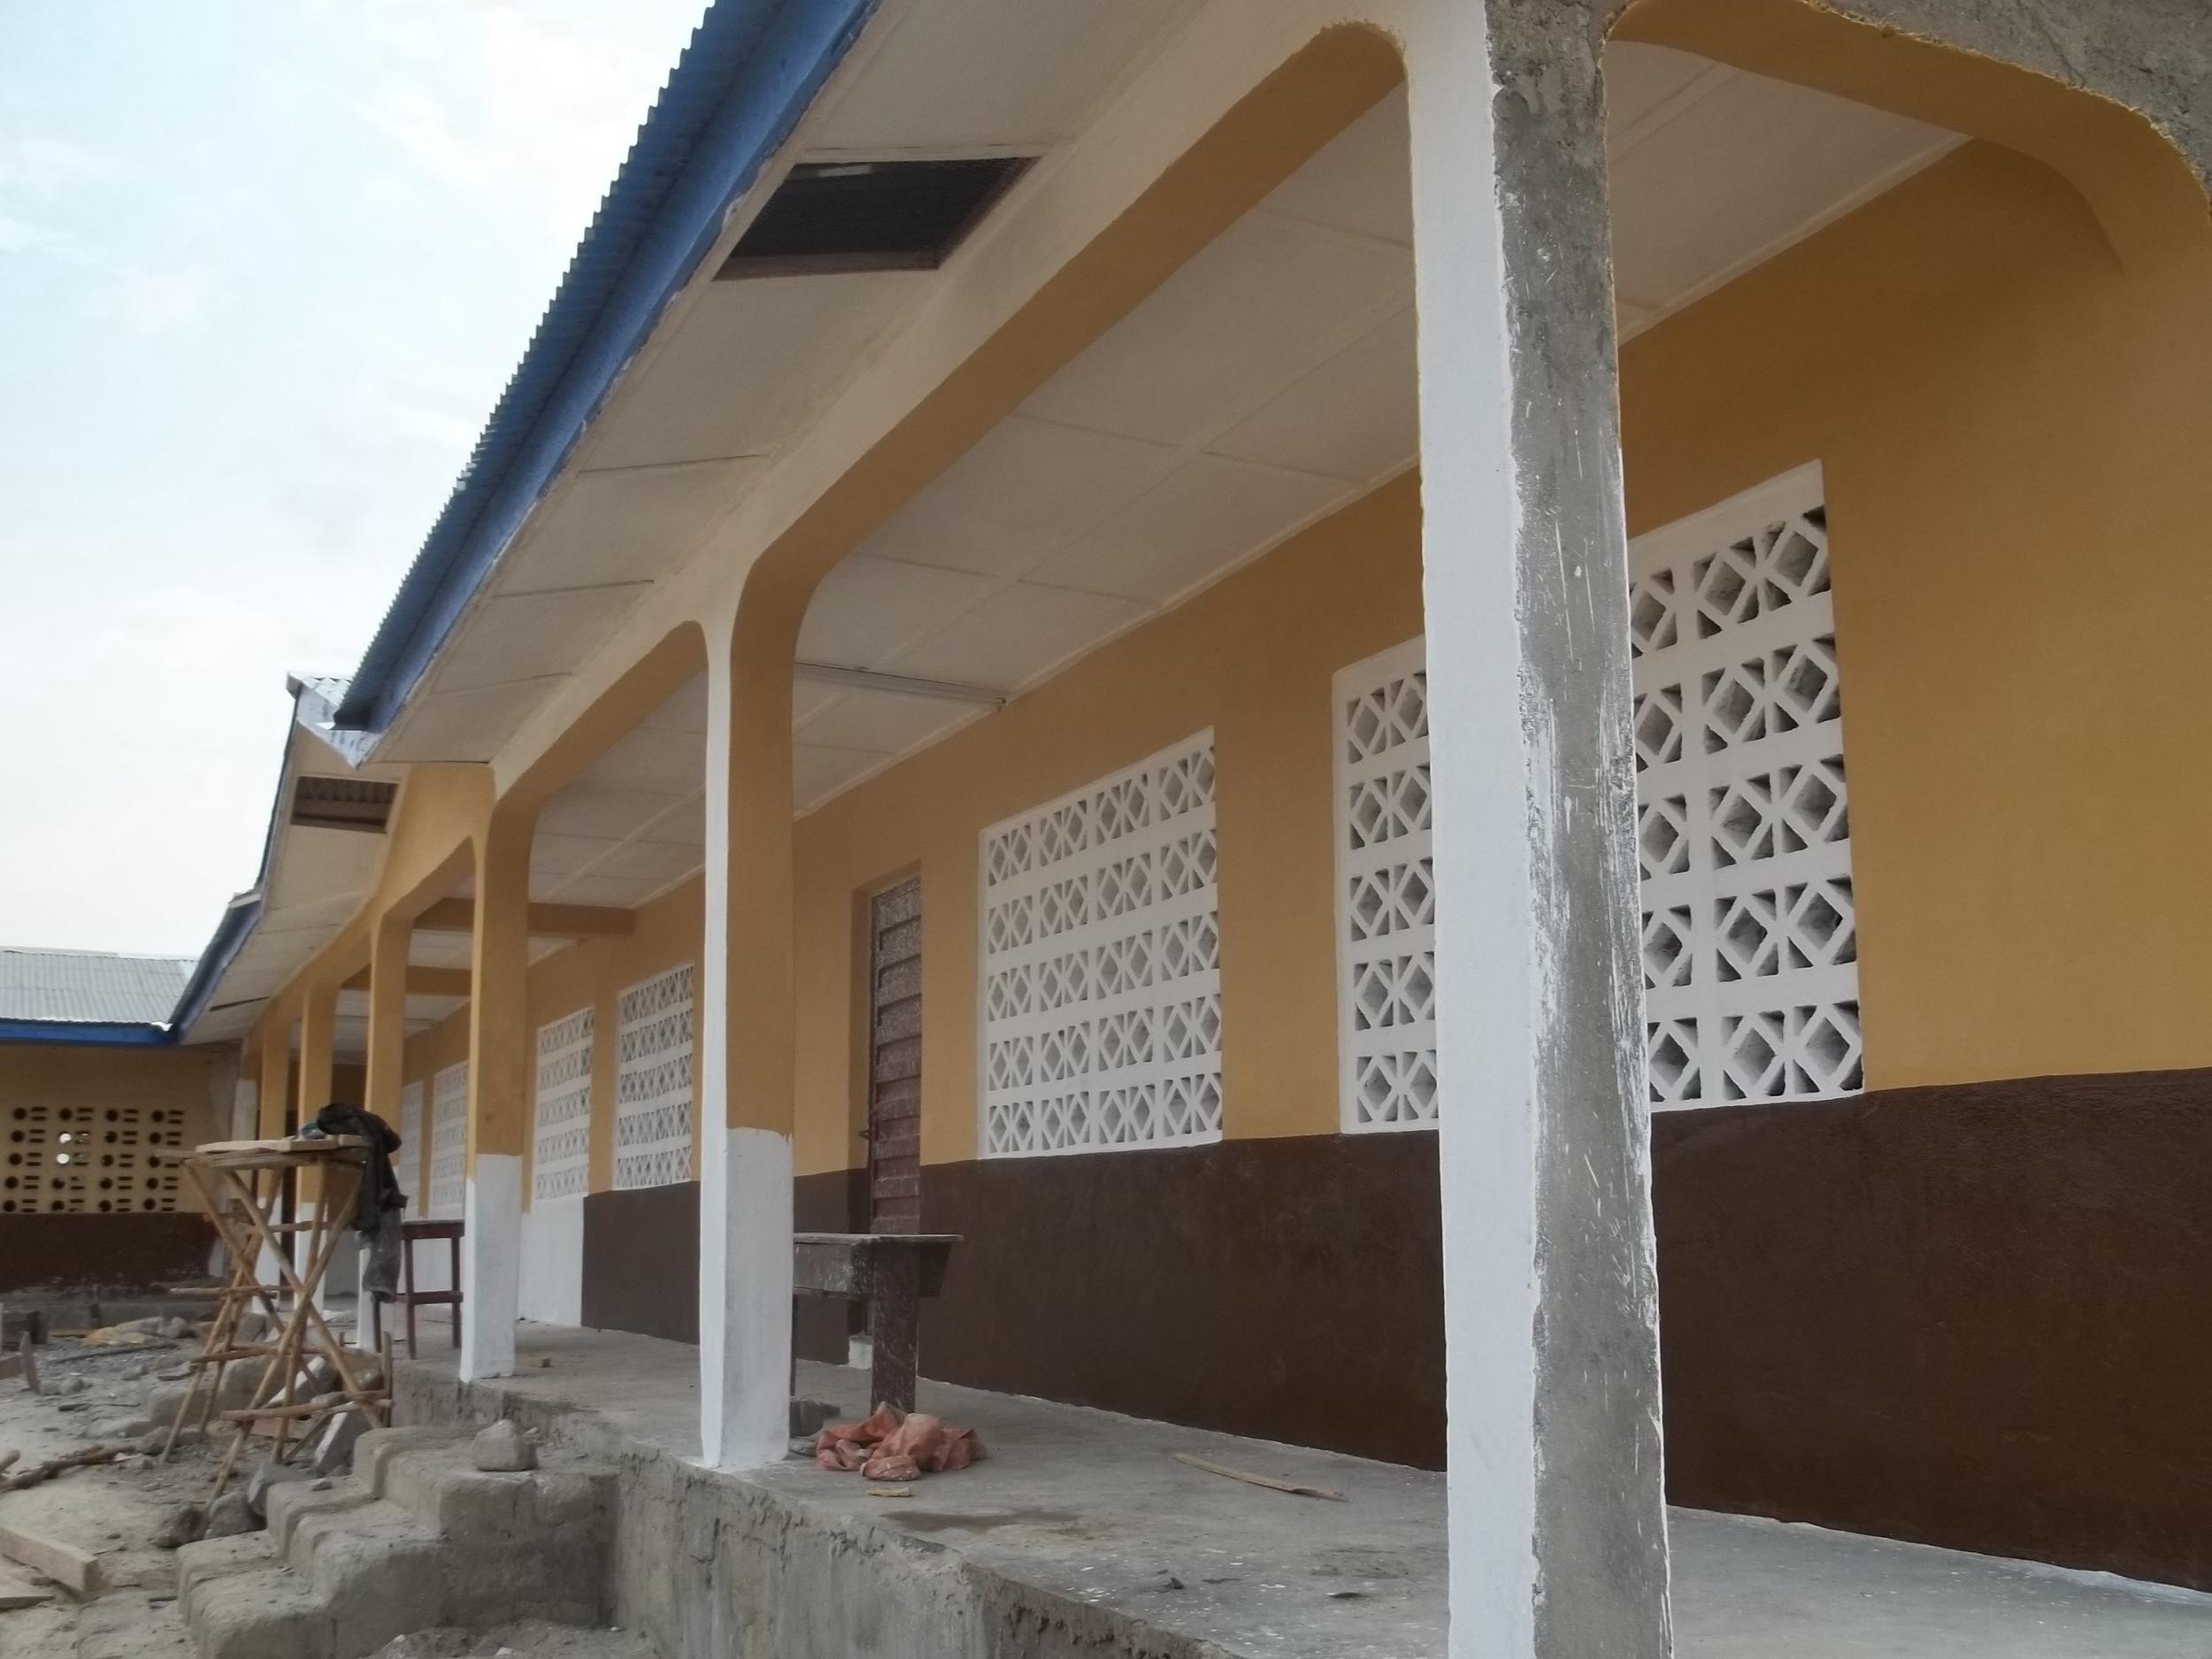 Makambo School